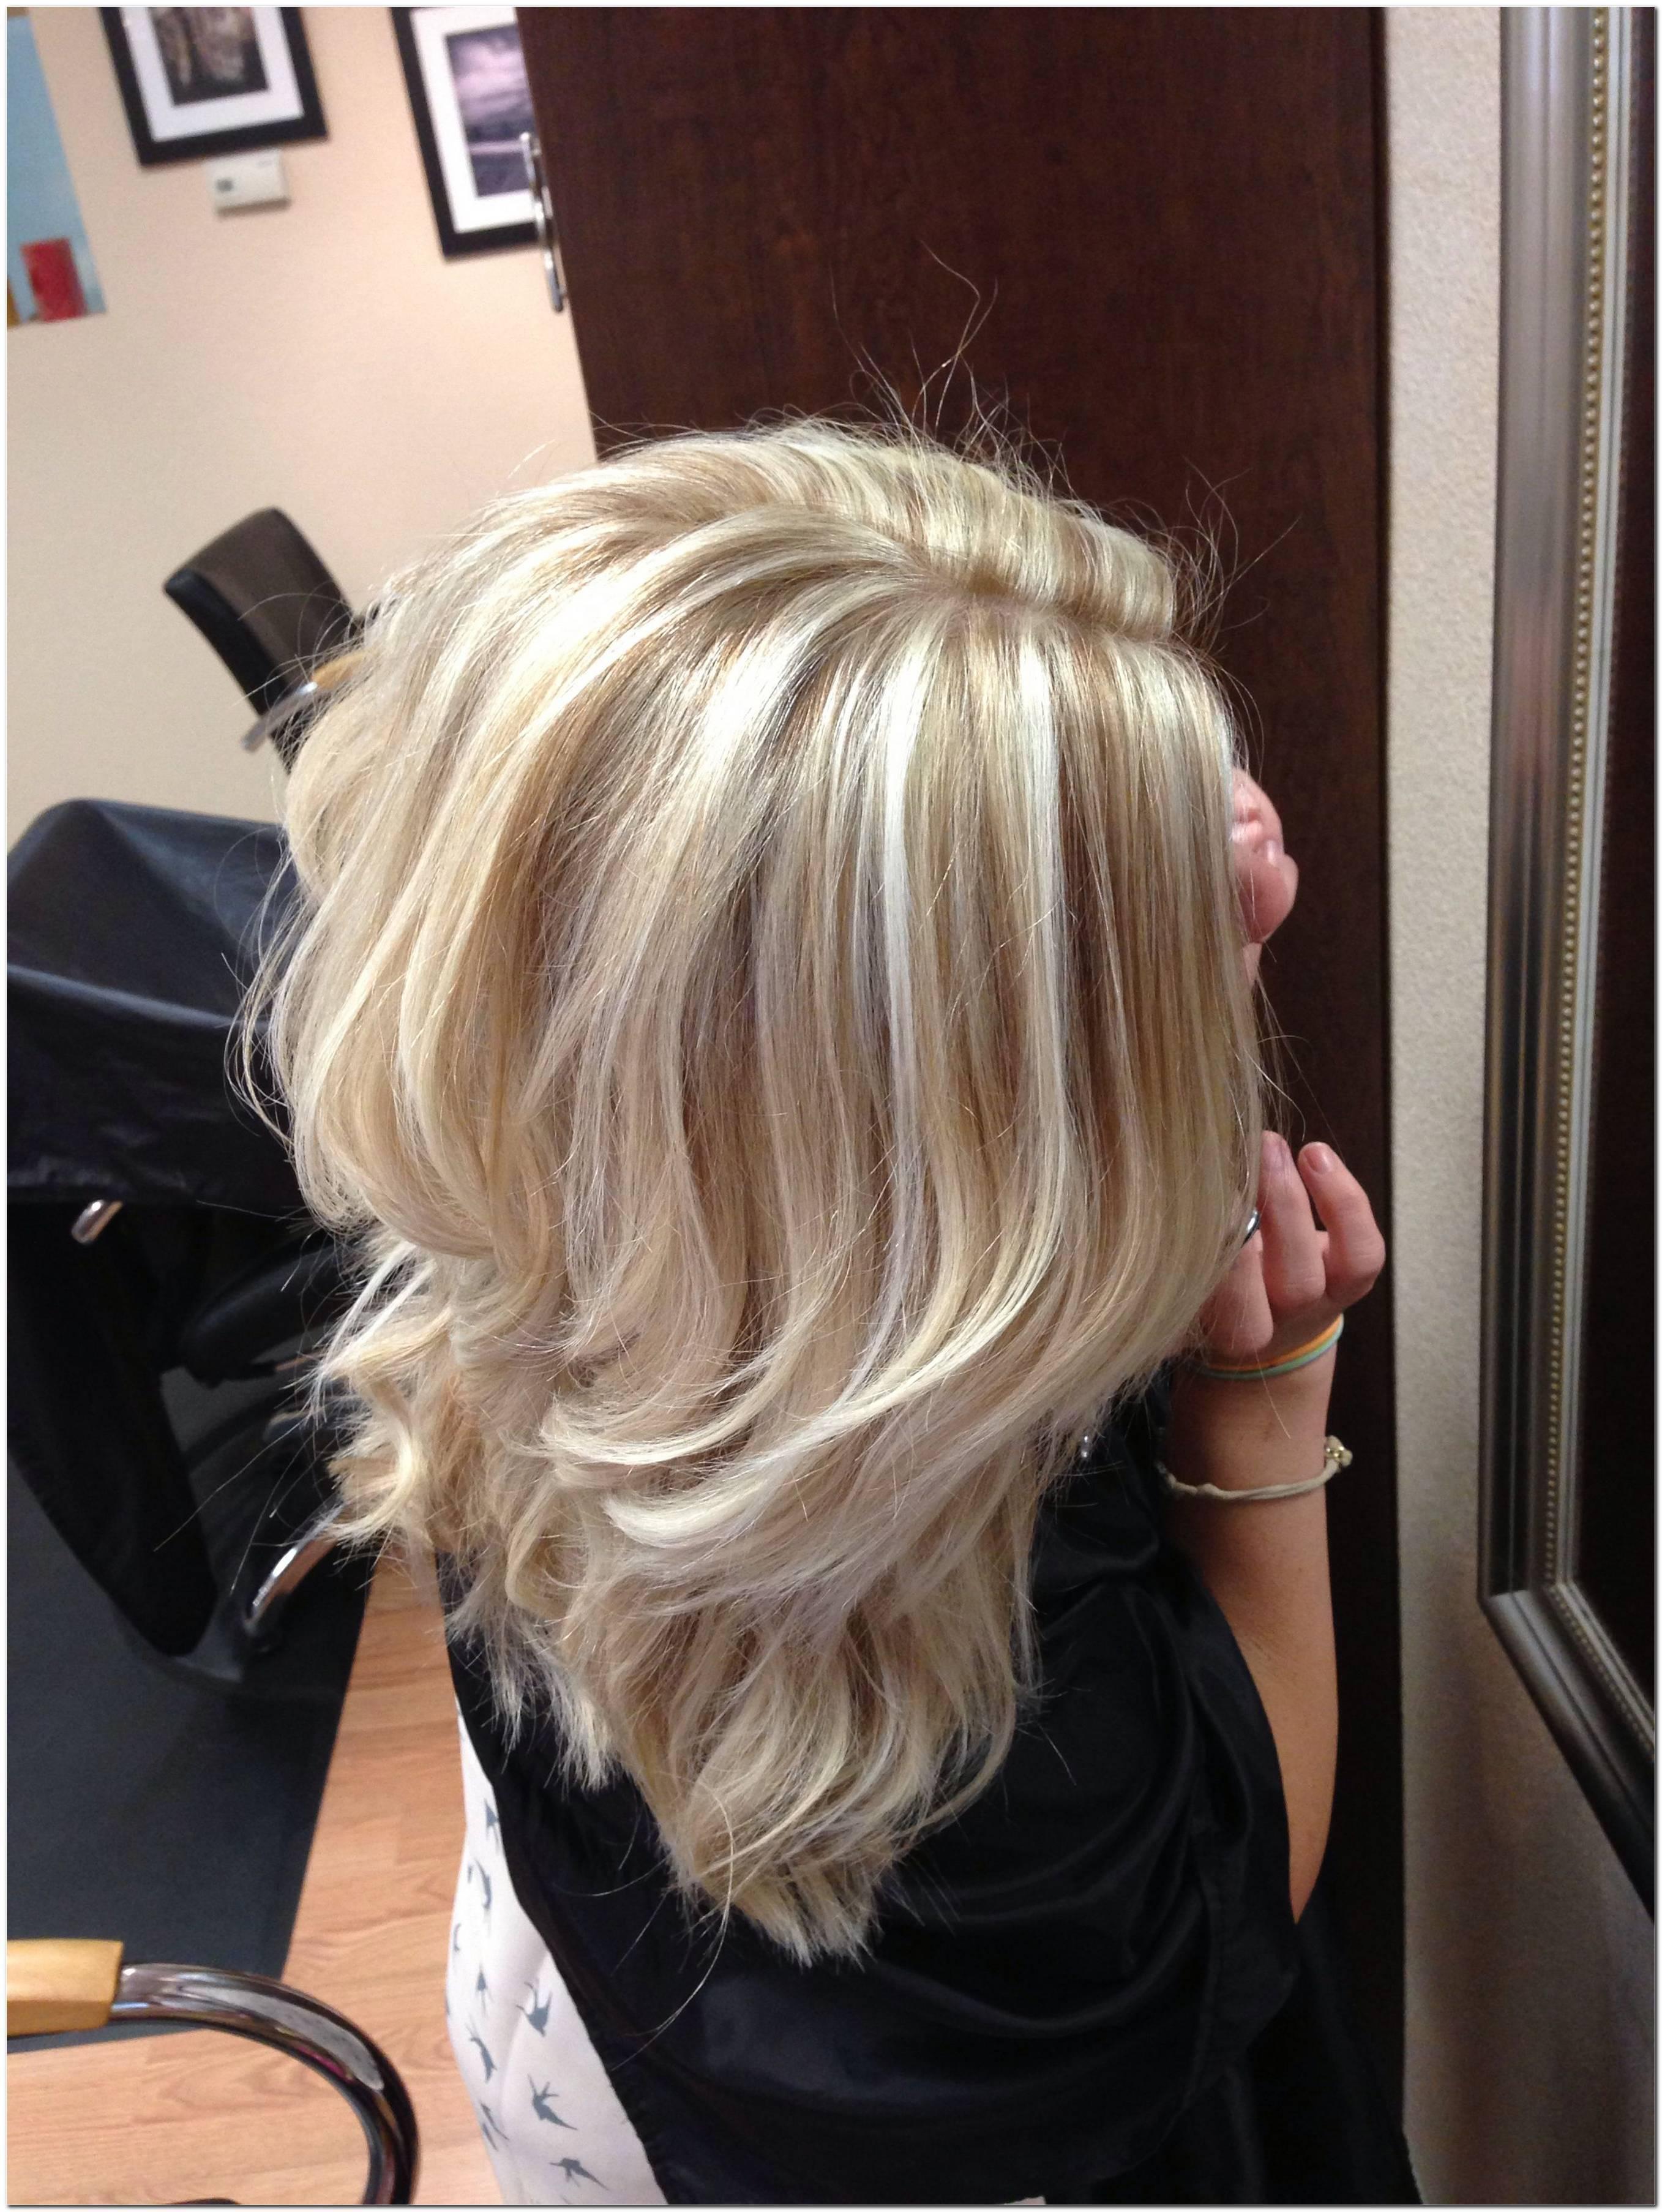 Blonde Frisuren Mit SträHnen